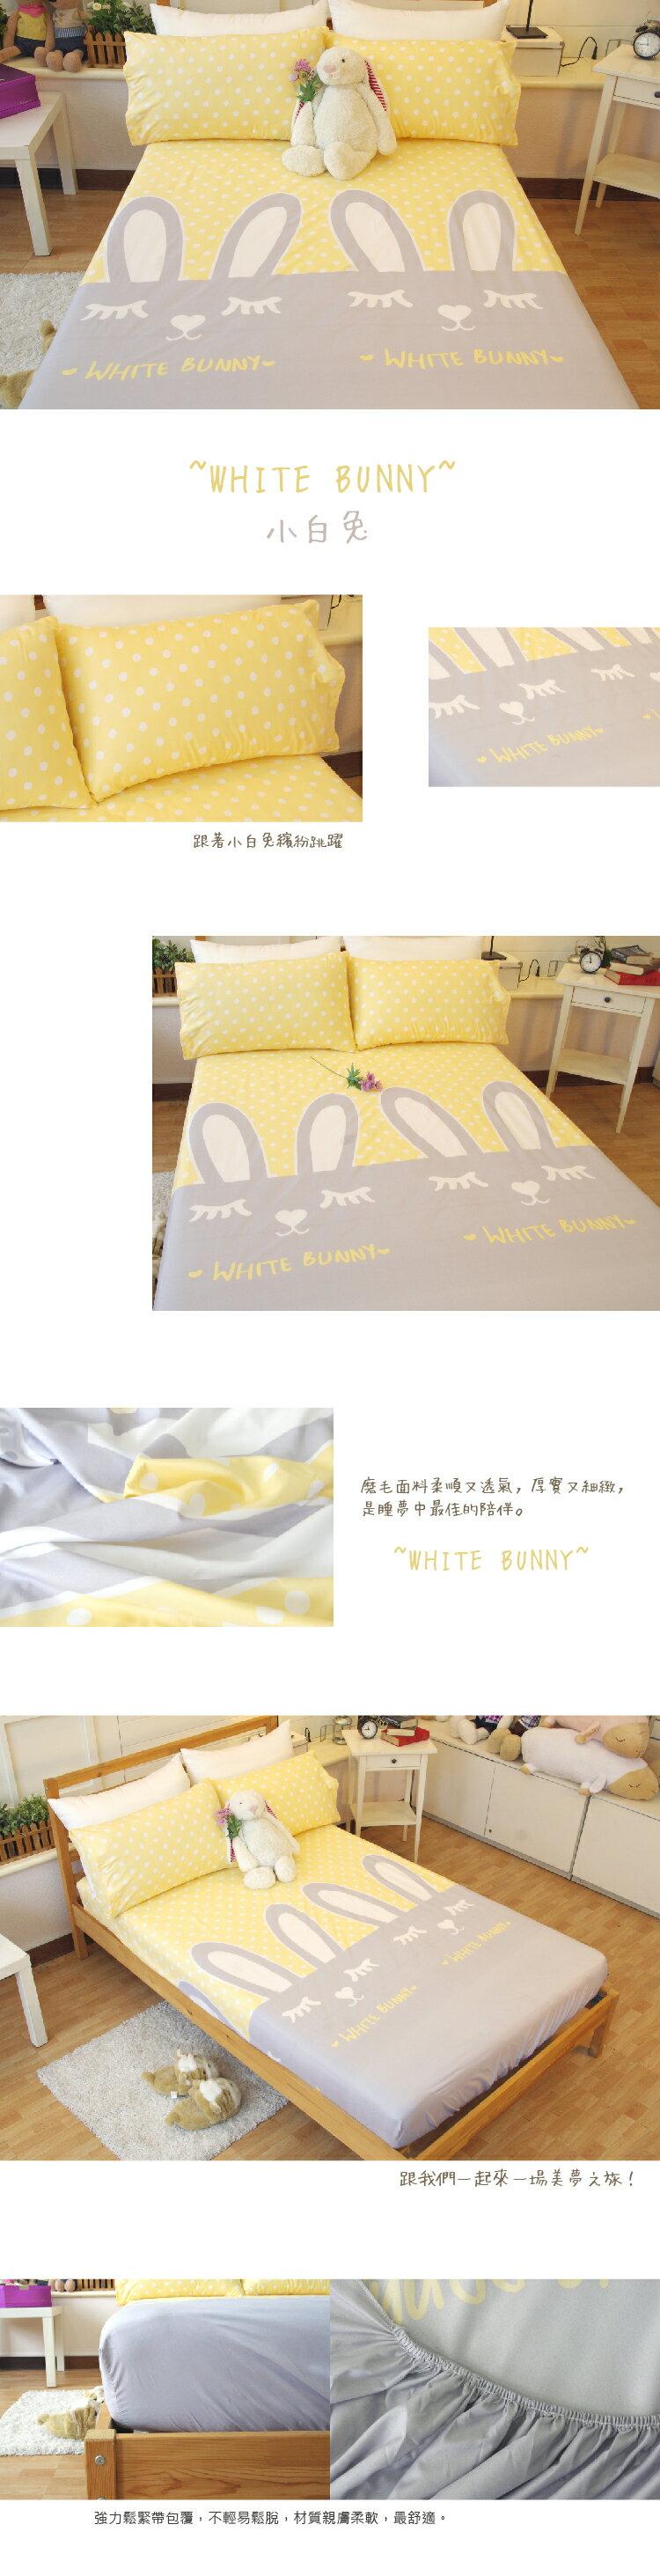 雙人床包(含枕套) 多款花色可挑選【台灣製造、親膚柔軟、觸感升級、SGS檢驗通過】 # 寢國寢城 7